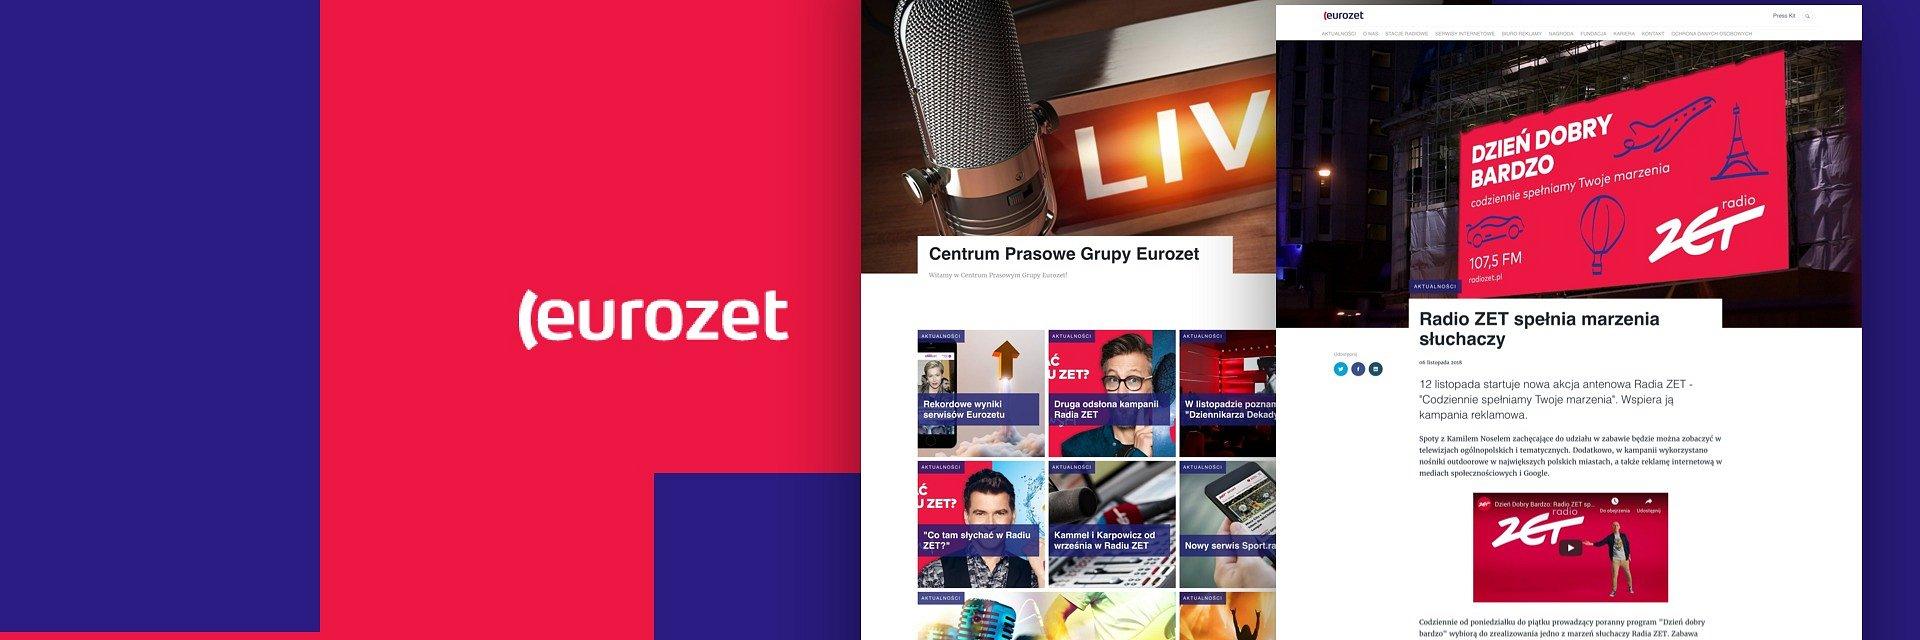 Eurozet: Jak grupa mediowa postawiła na komunikację za pomocą Prowly